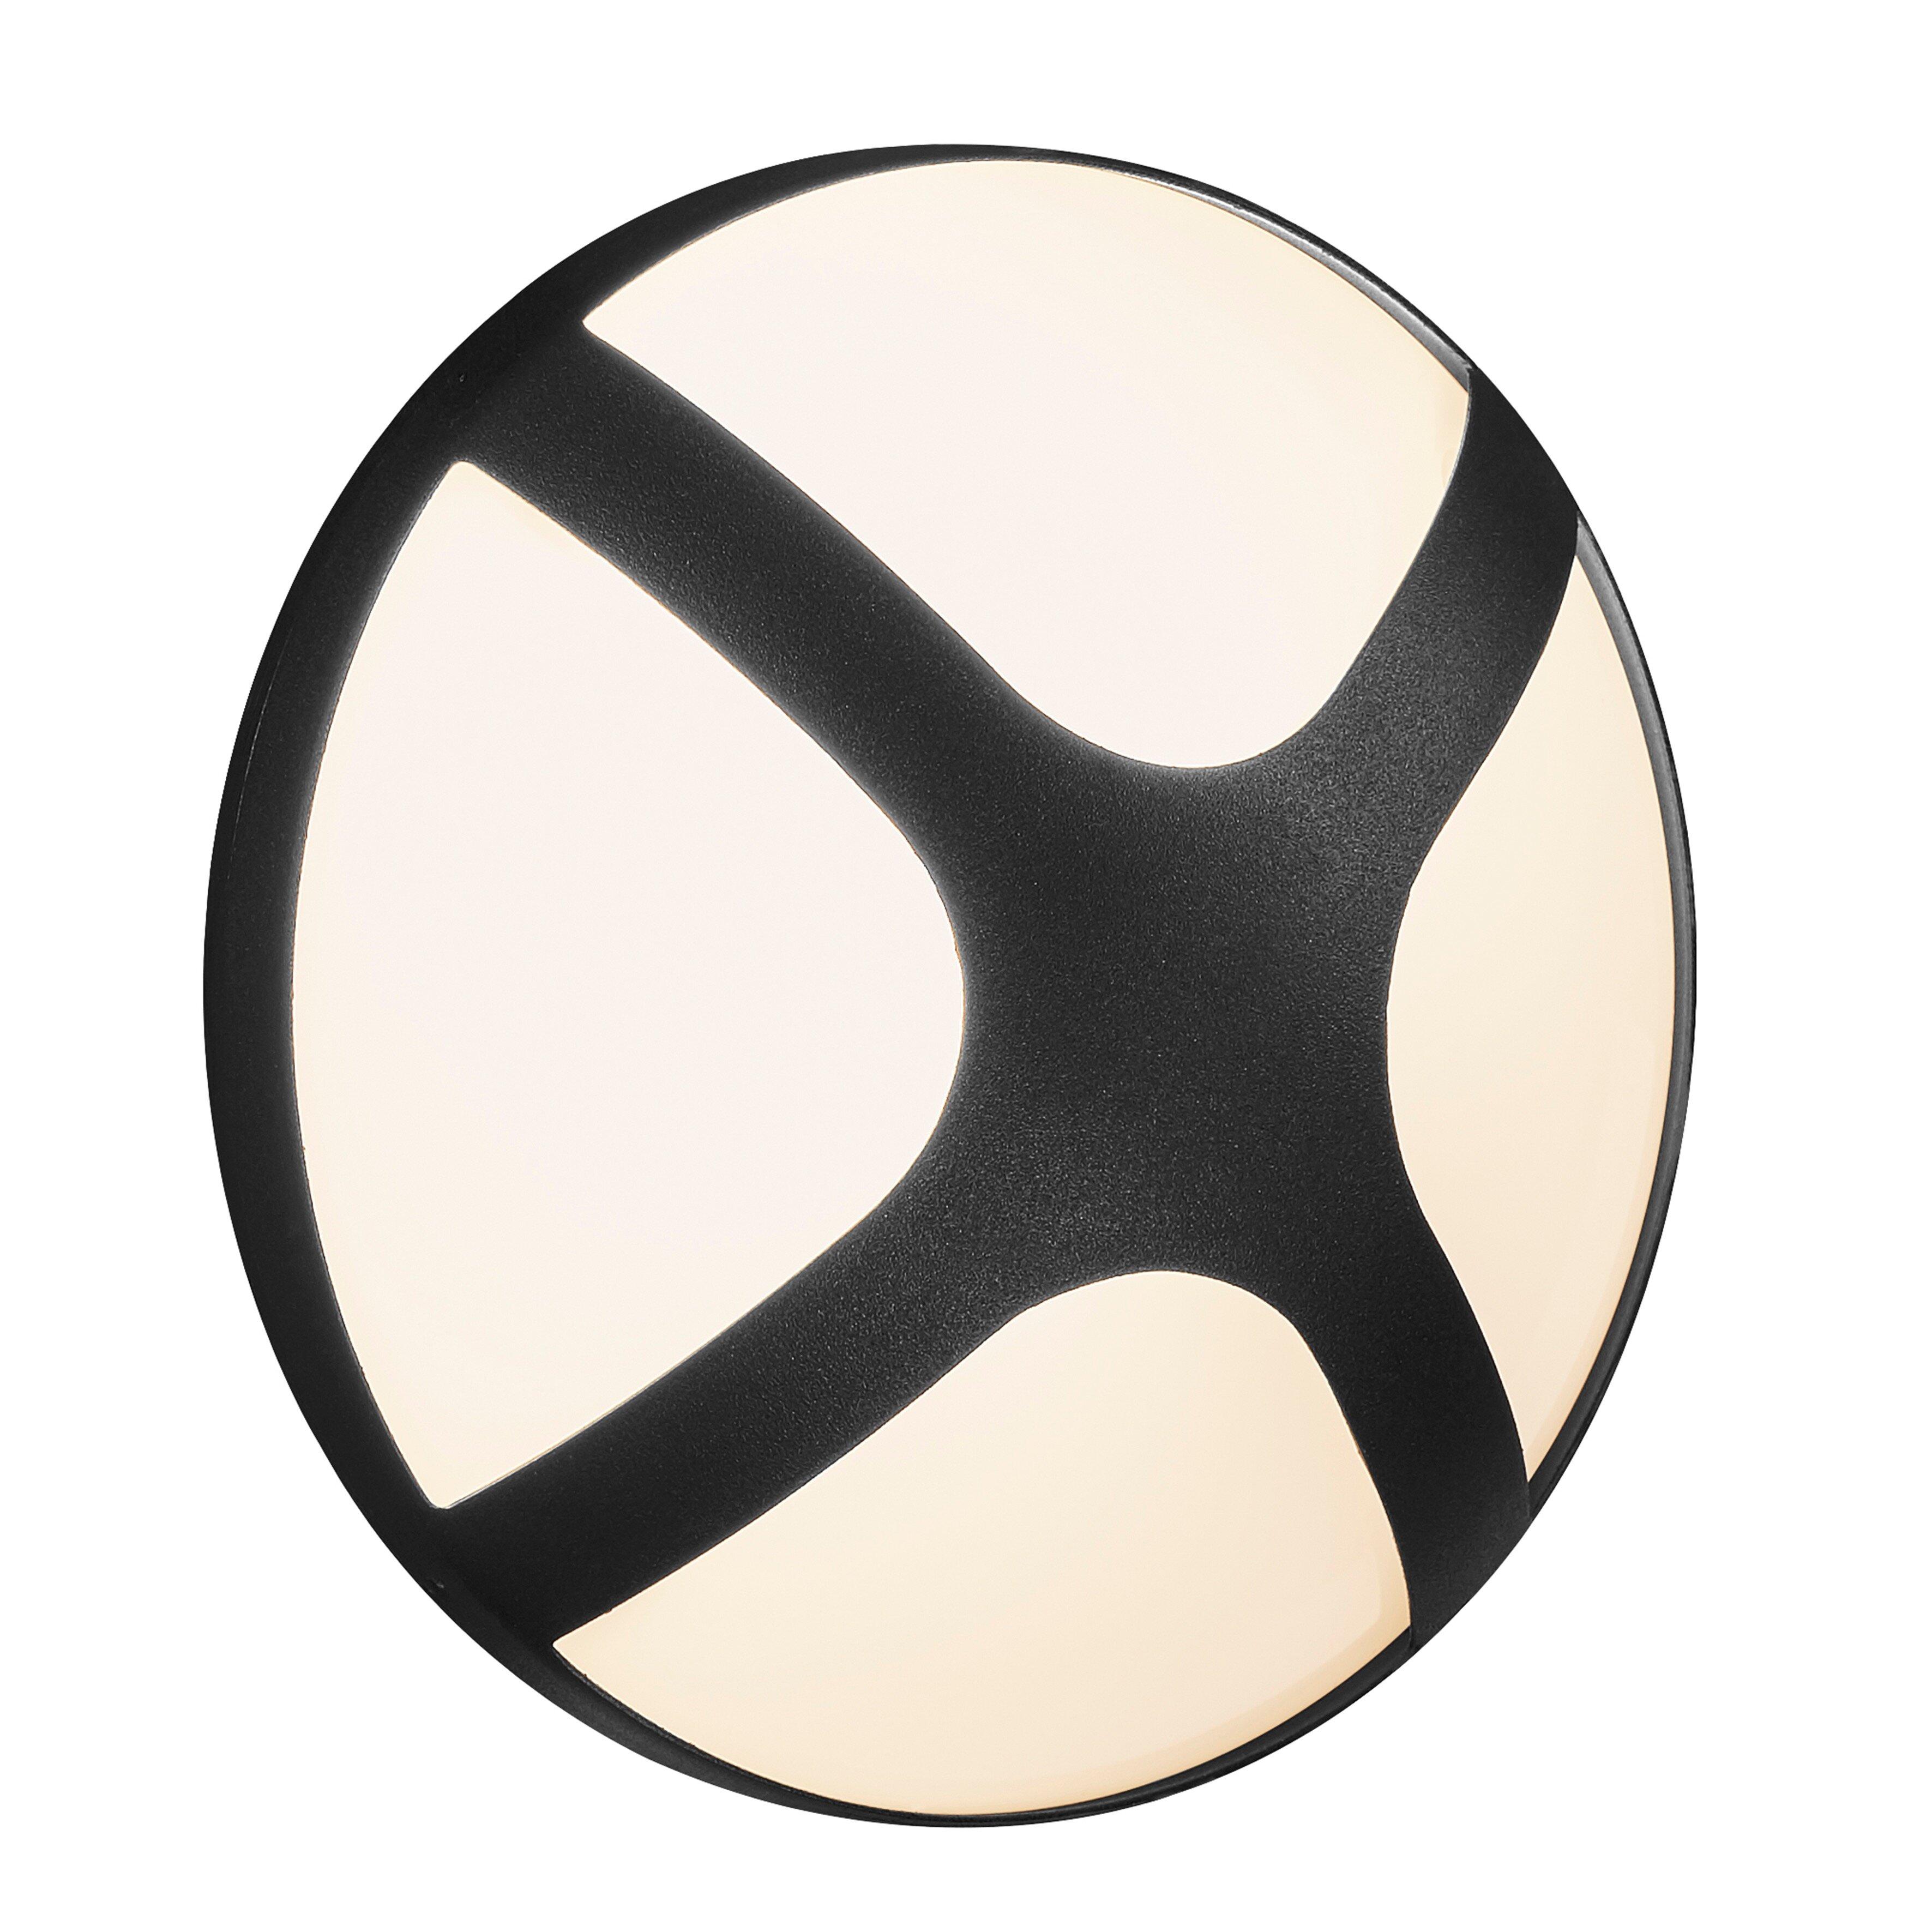 Cross 20 vägglampa svart/frostat glas